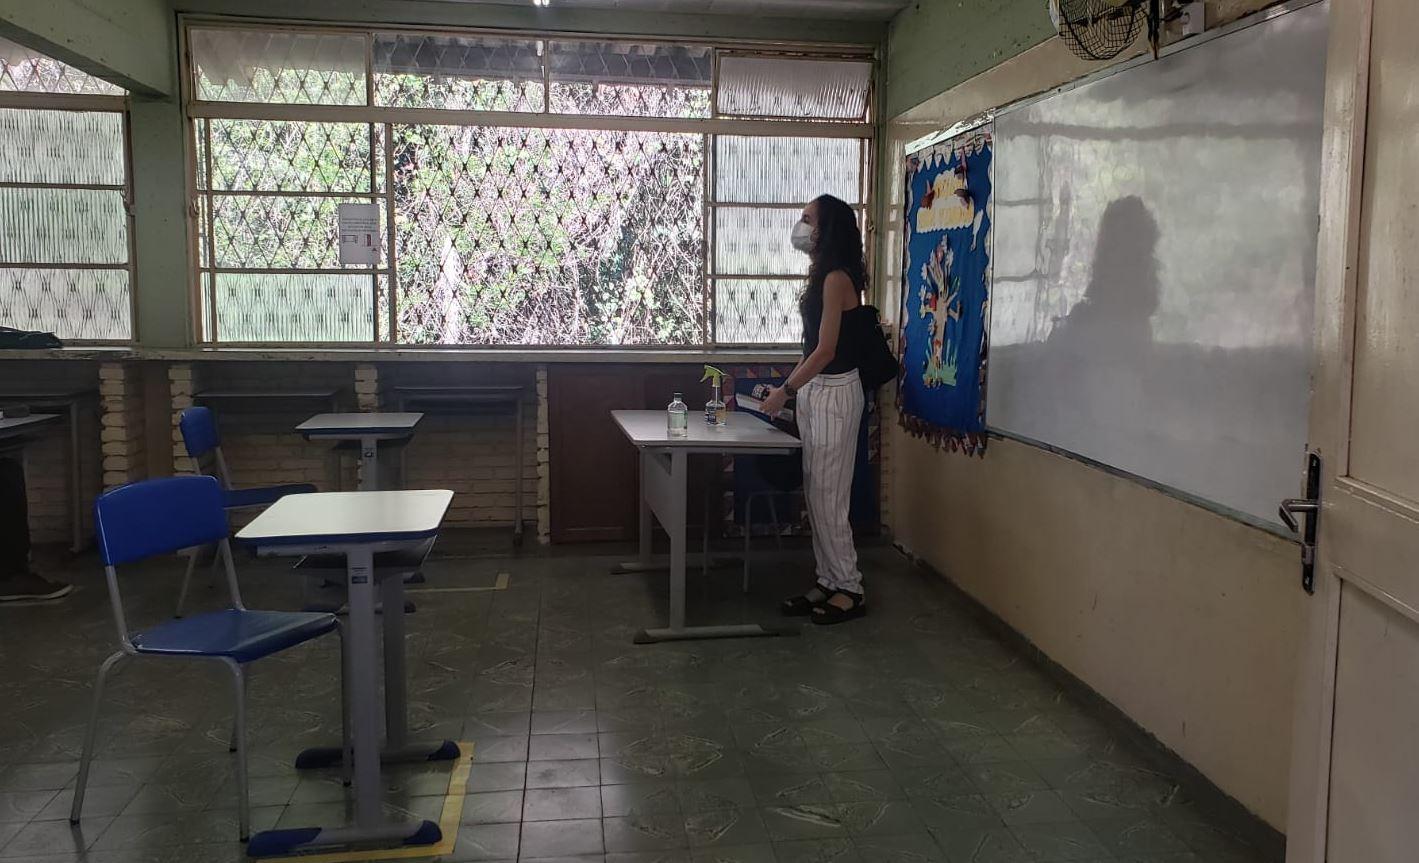 Aulas presenciais serão obrigatórias na rede estadual de educação em Minas Gerais